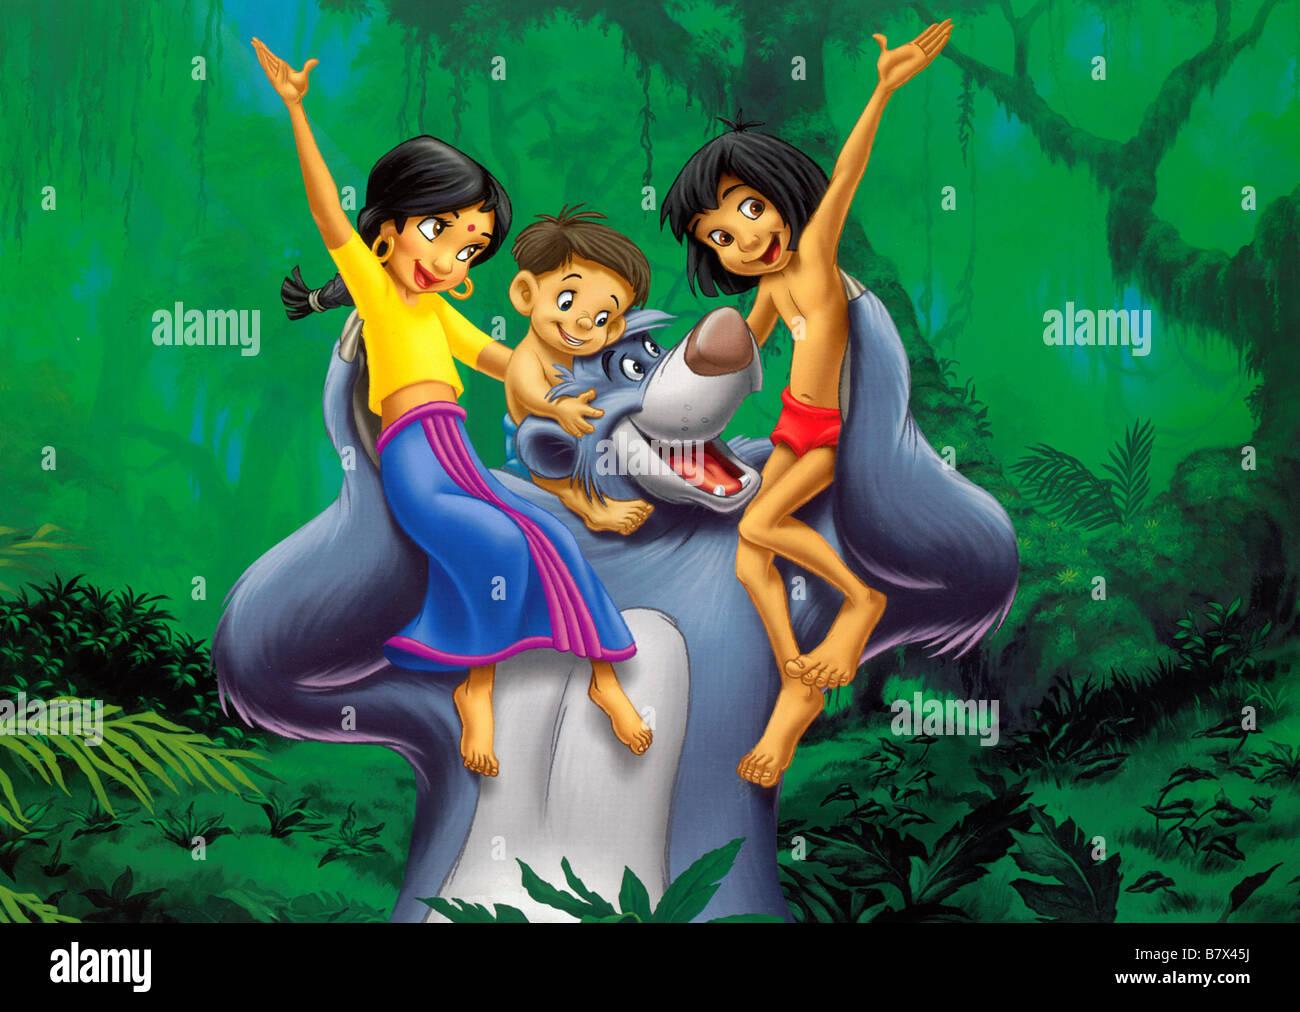 Baloo Para Colorear: Baloo Y Mowgli Imágenes Y Fotos